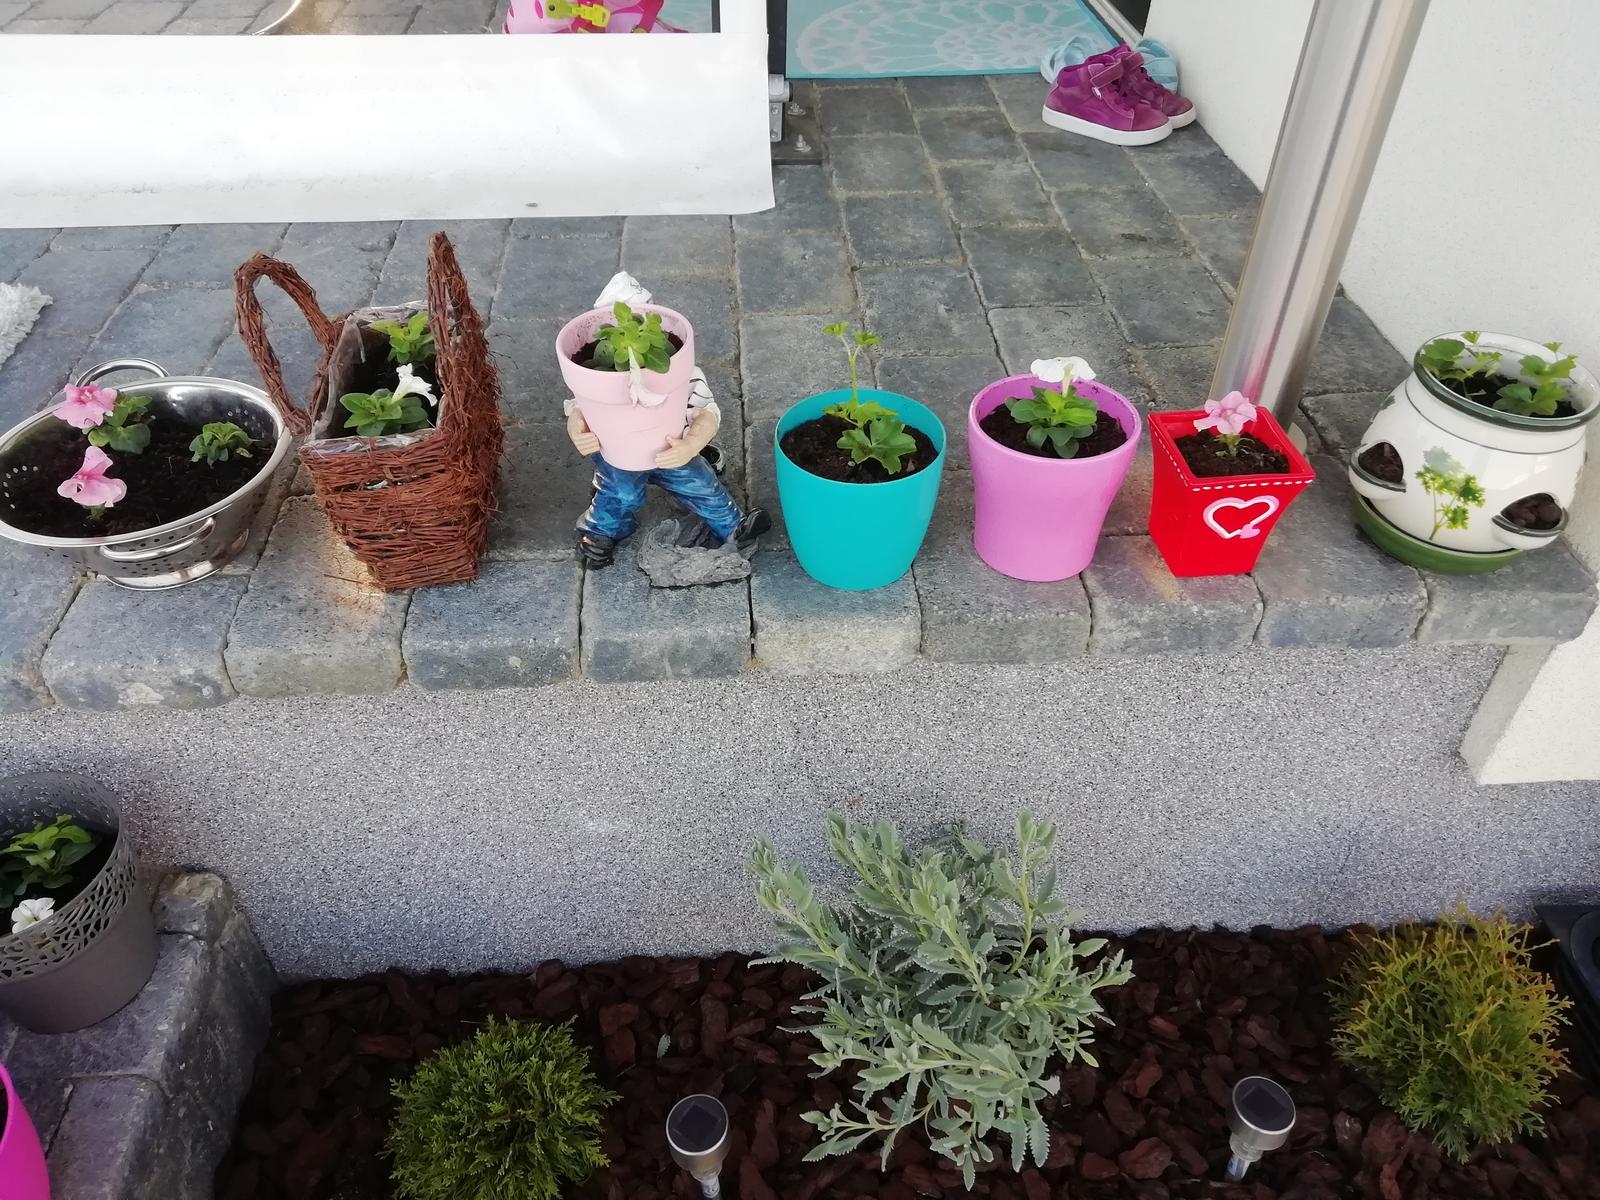 Záhradka 2019/20 bývame 4 a 5 rok :-) - Budu mi robiť radosť